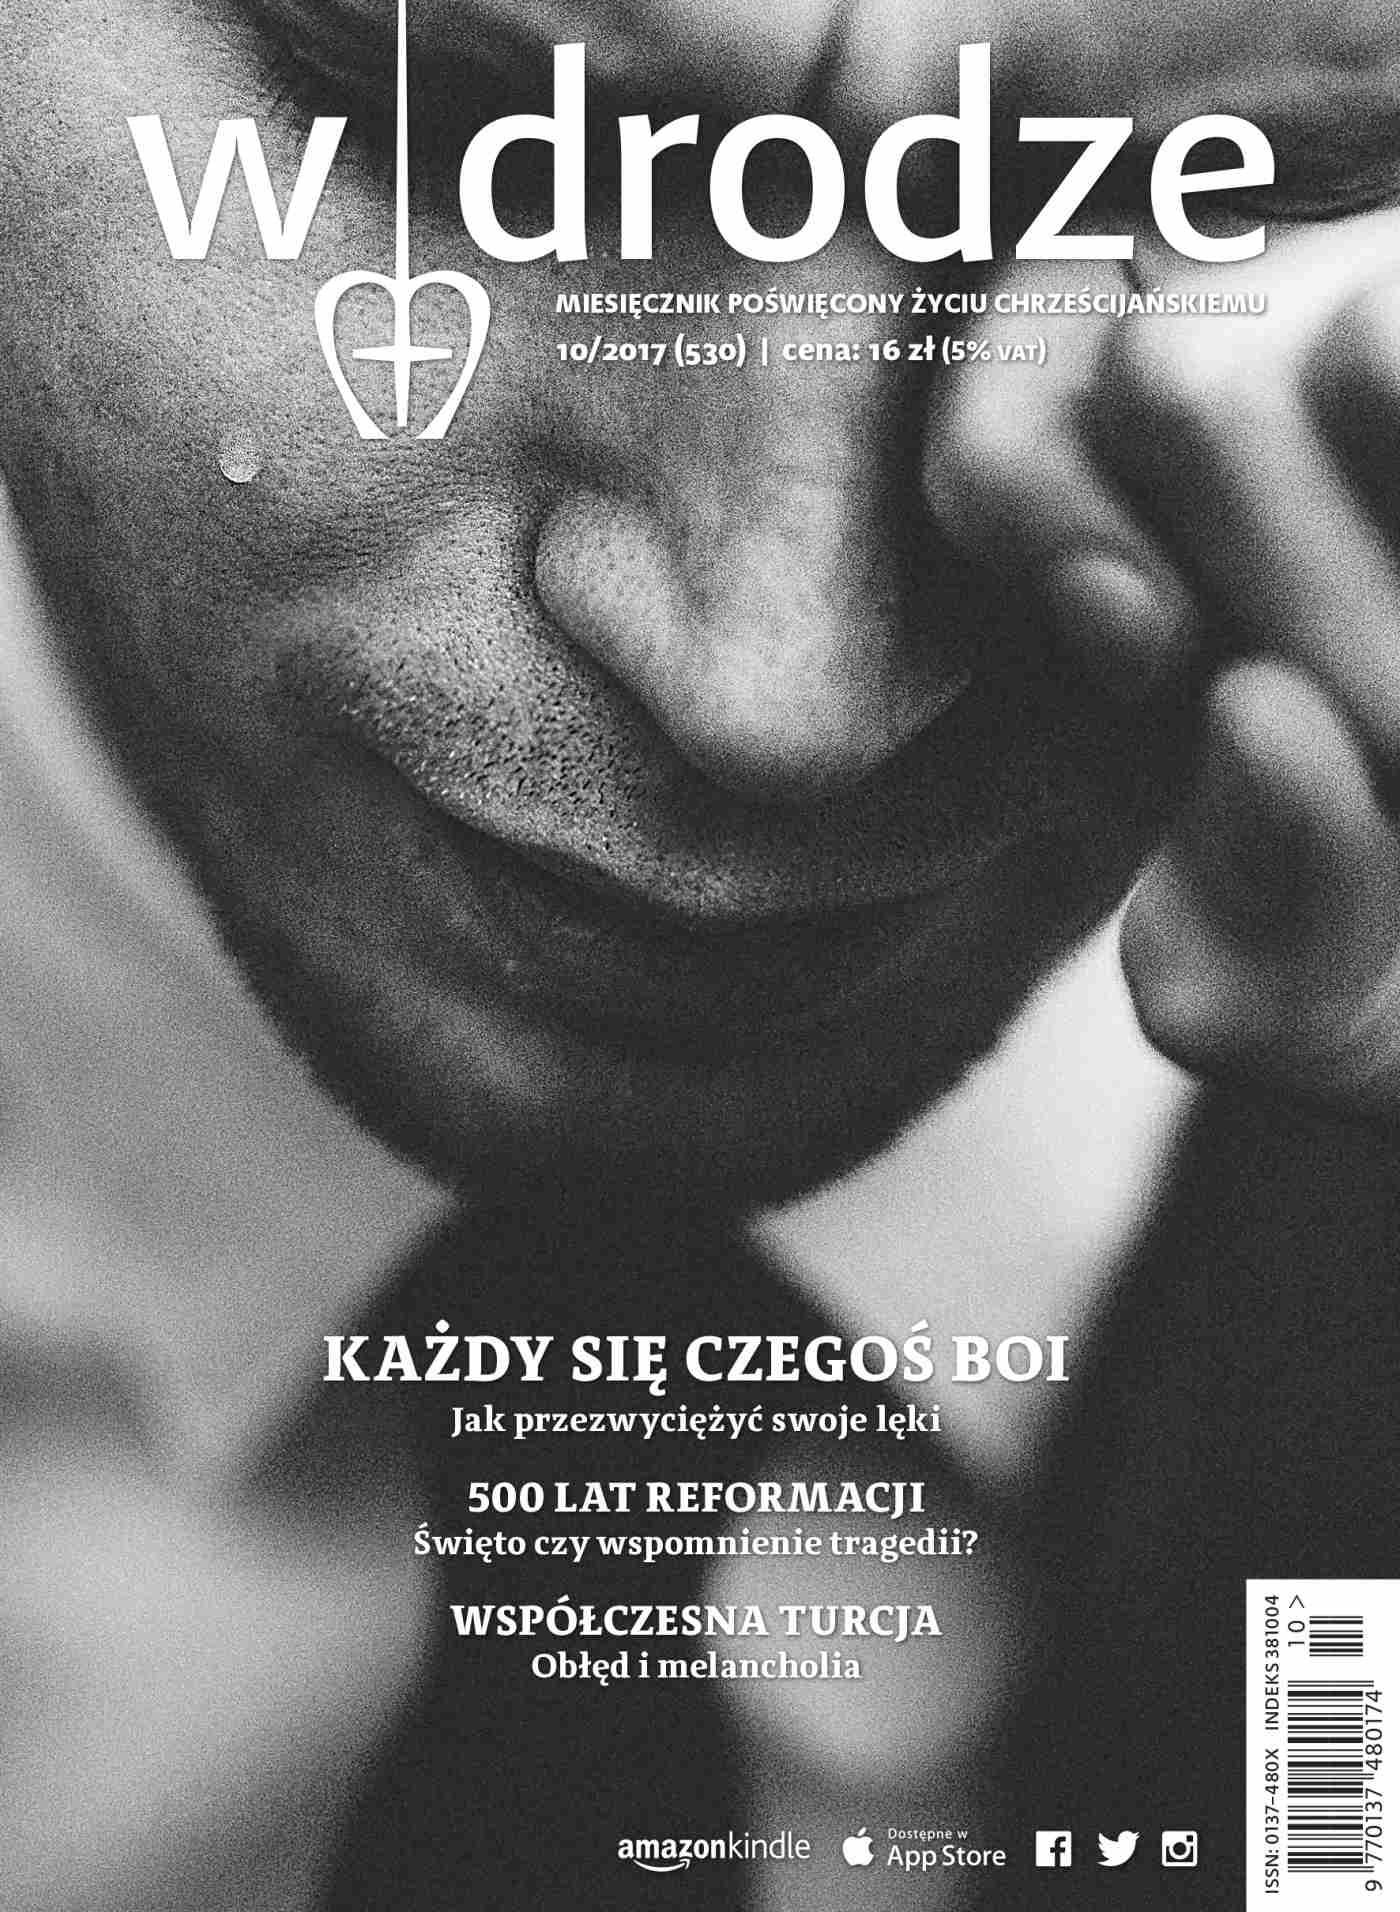 """Miesięcznik """"W drodze"""" nr 530 - Ebook (Książka EPUB) do pobrania w formacie EPUB"""